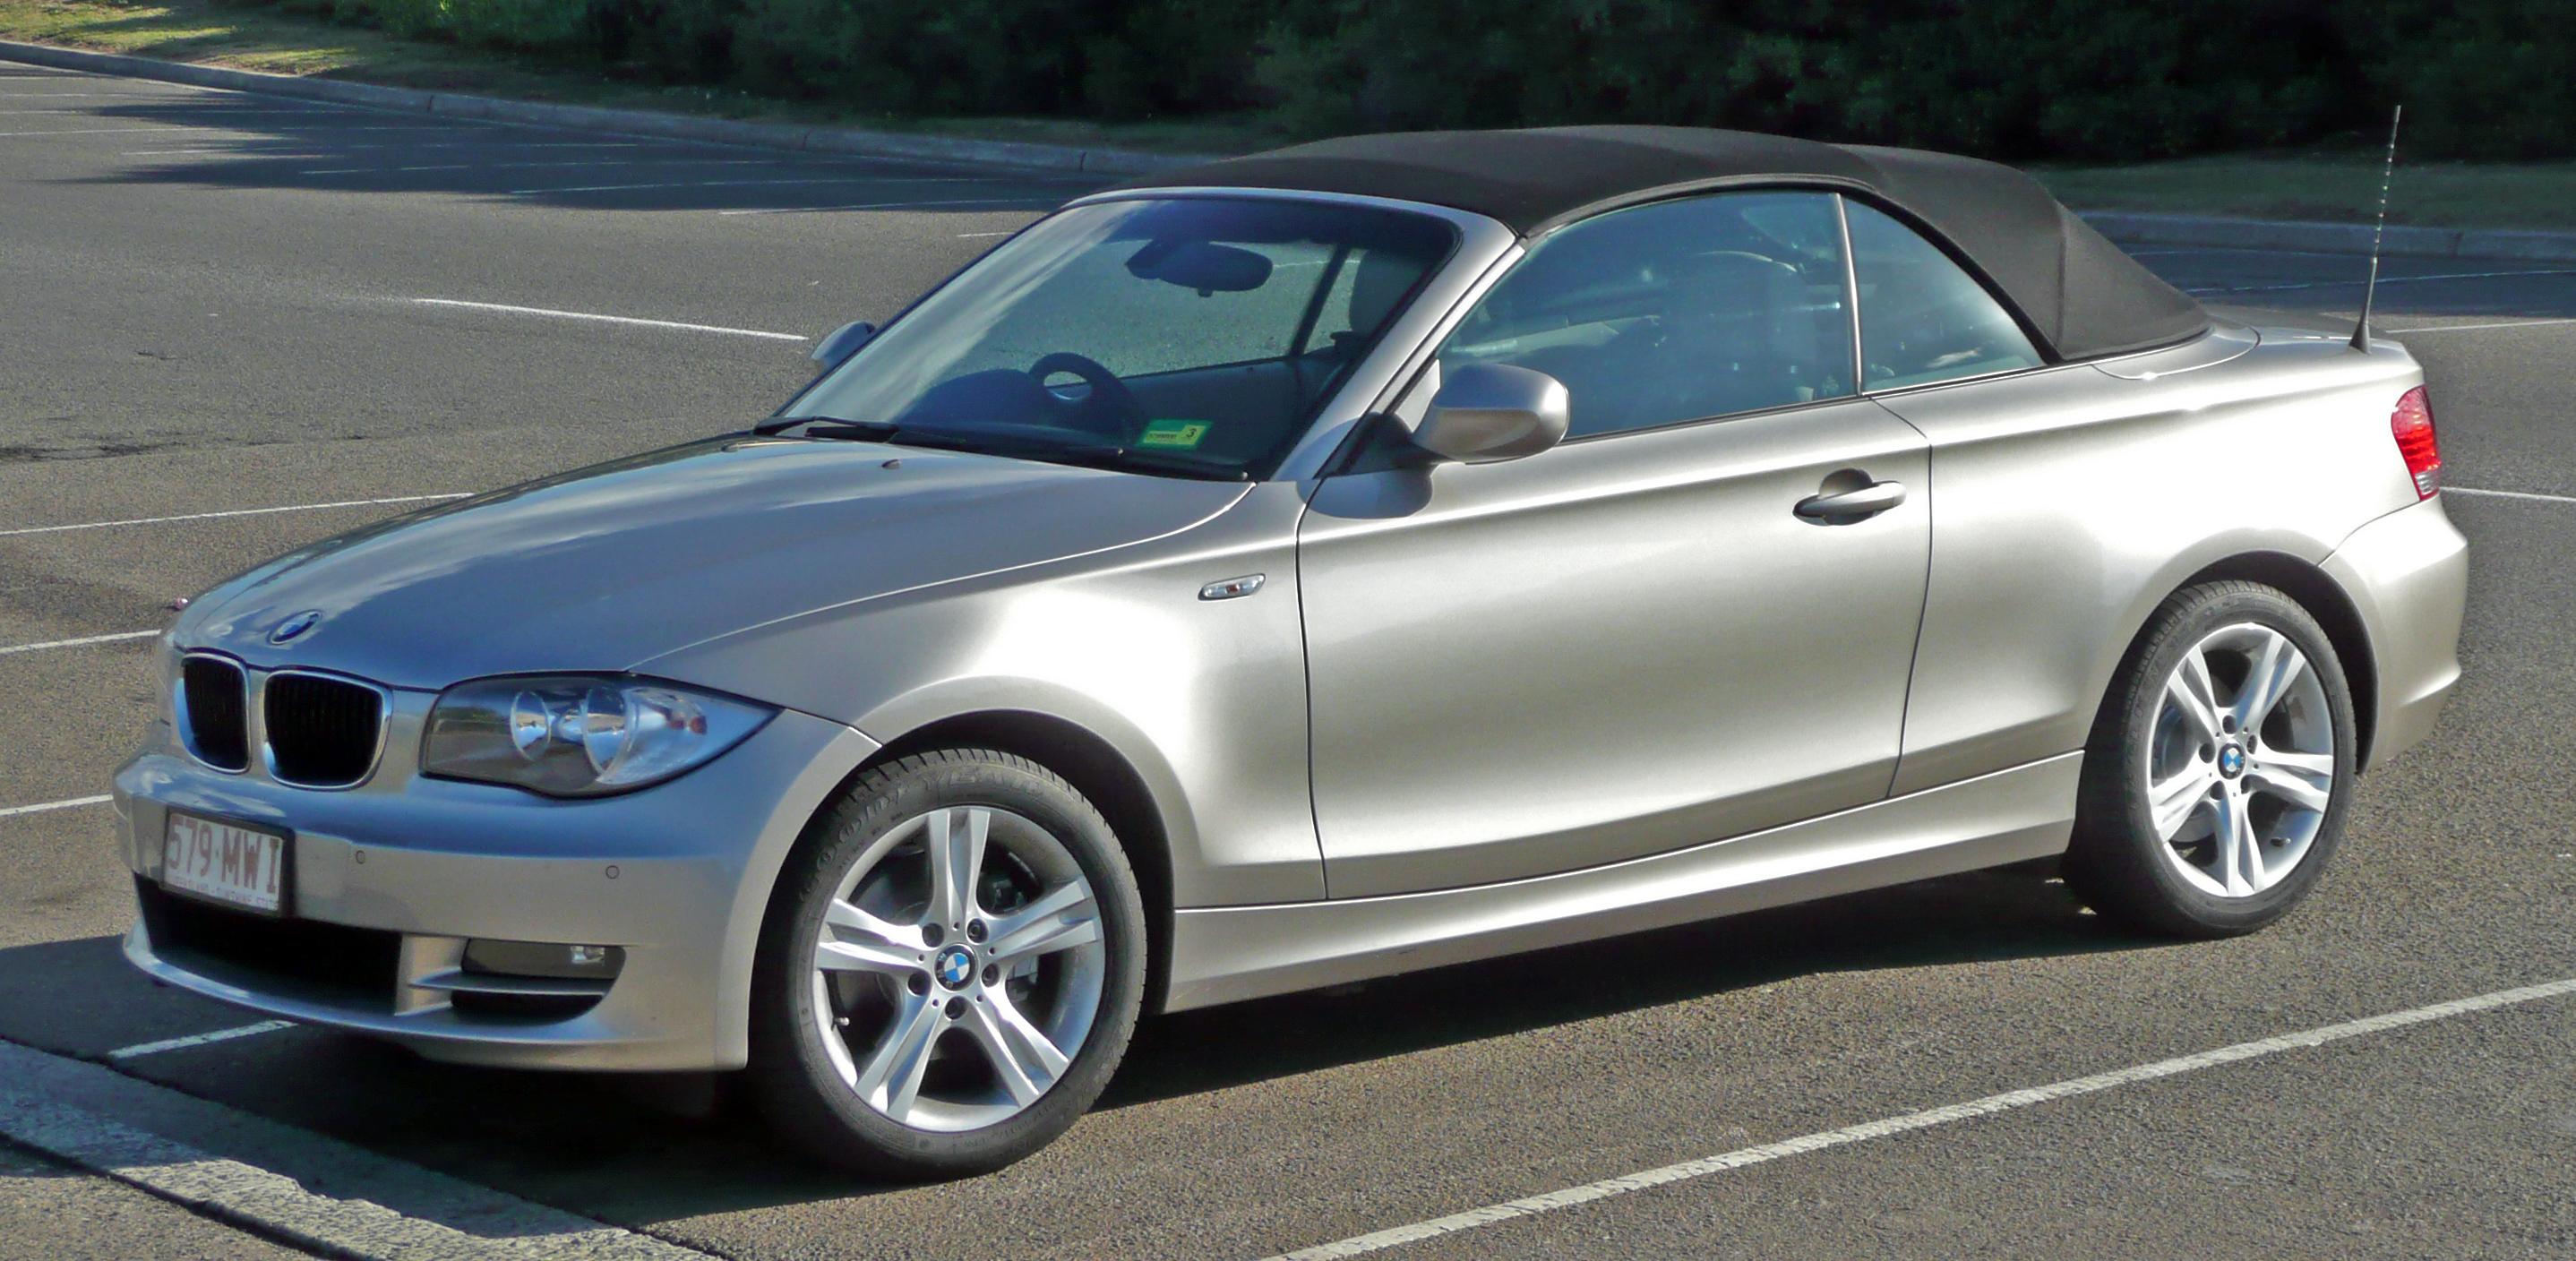 2010 BMW 120i photo - 1